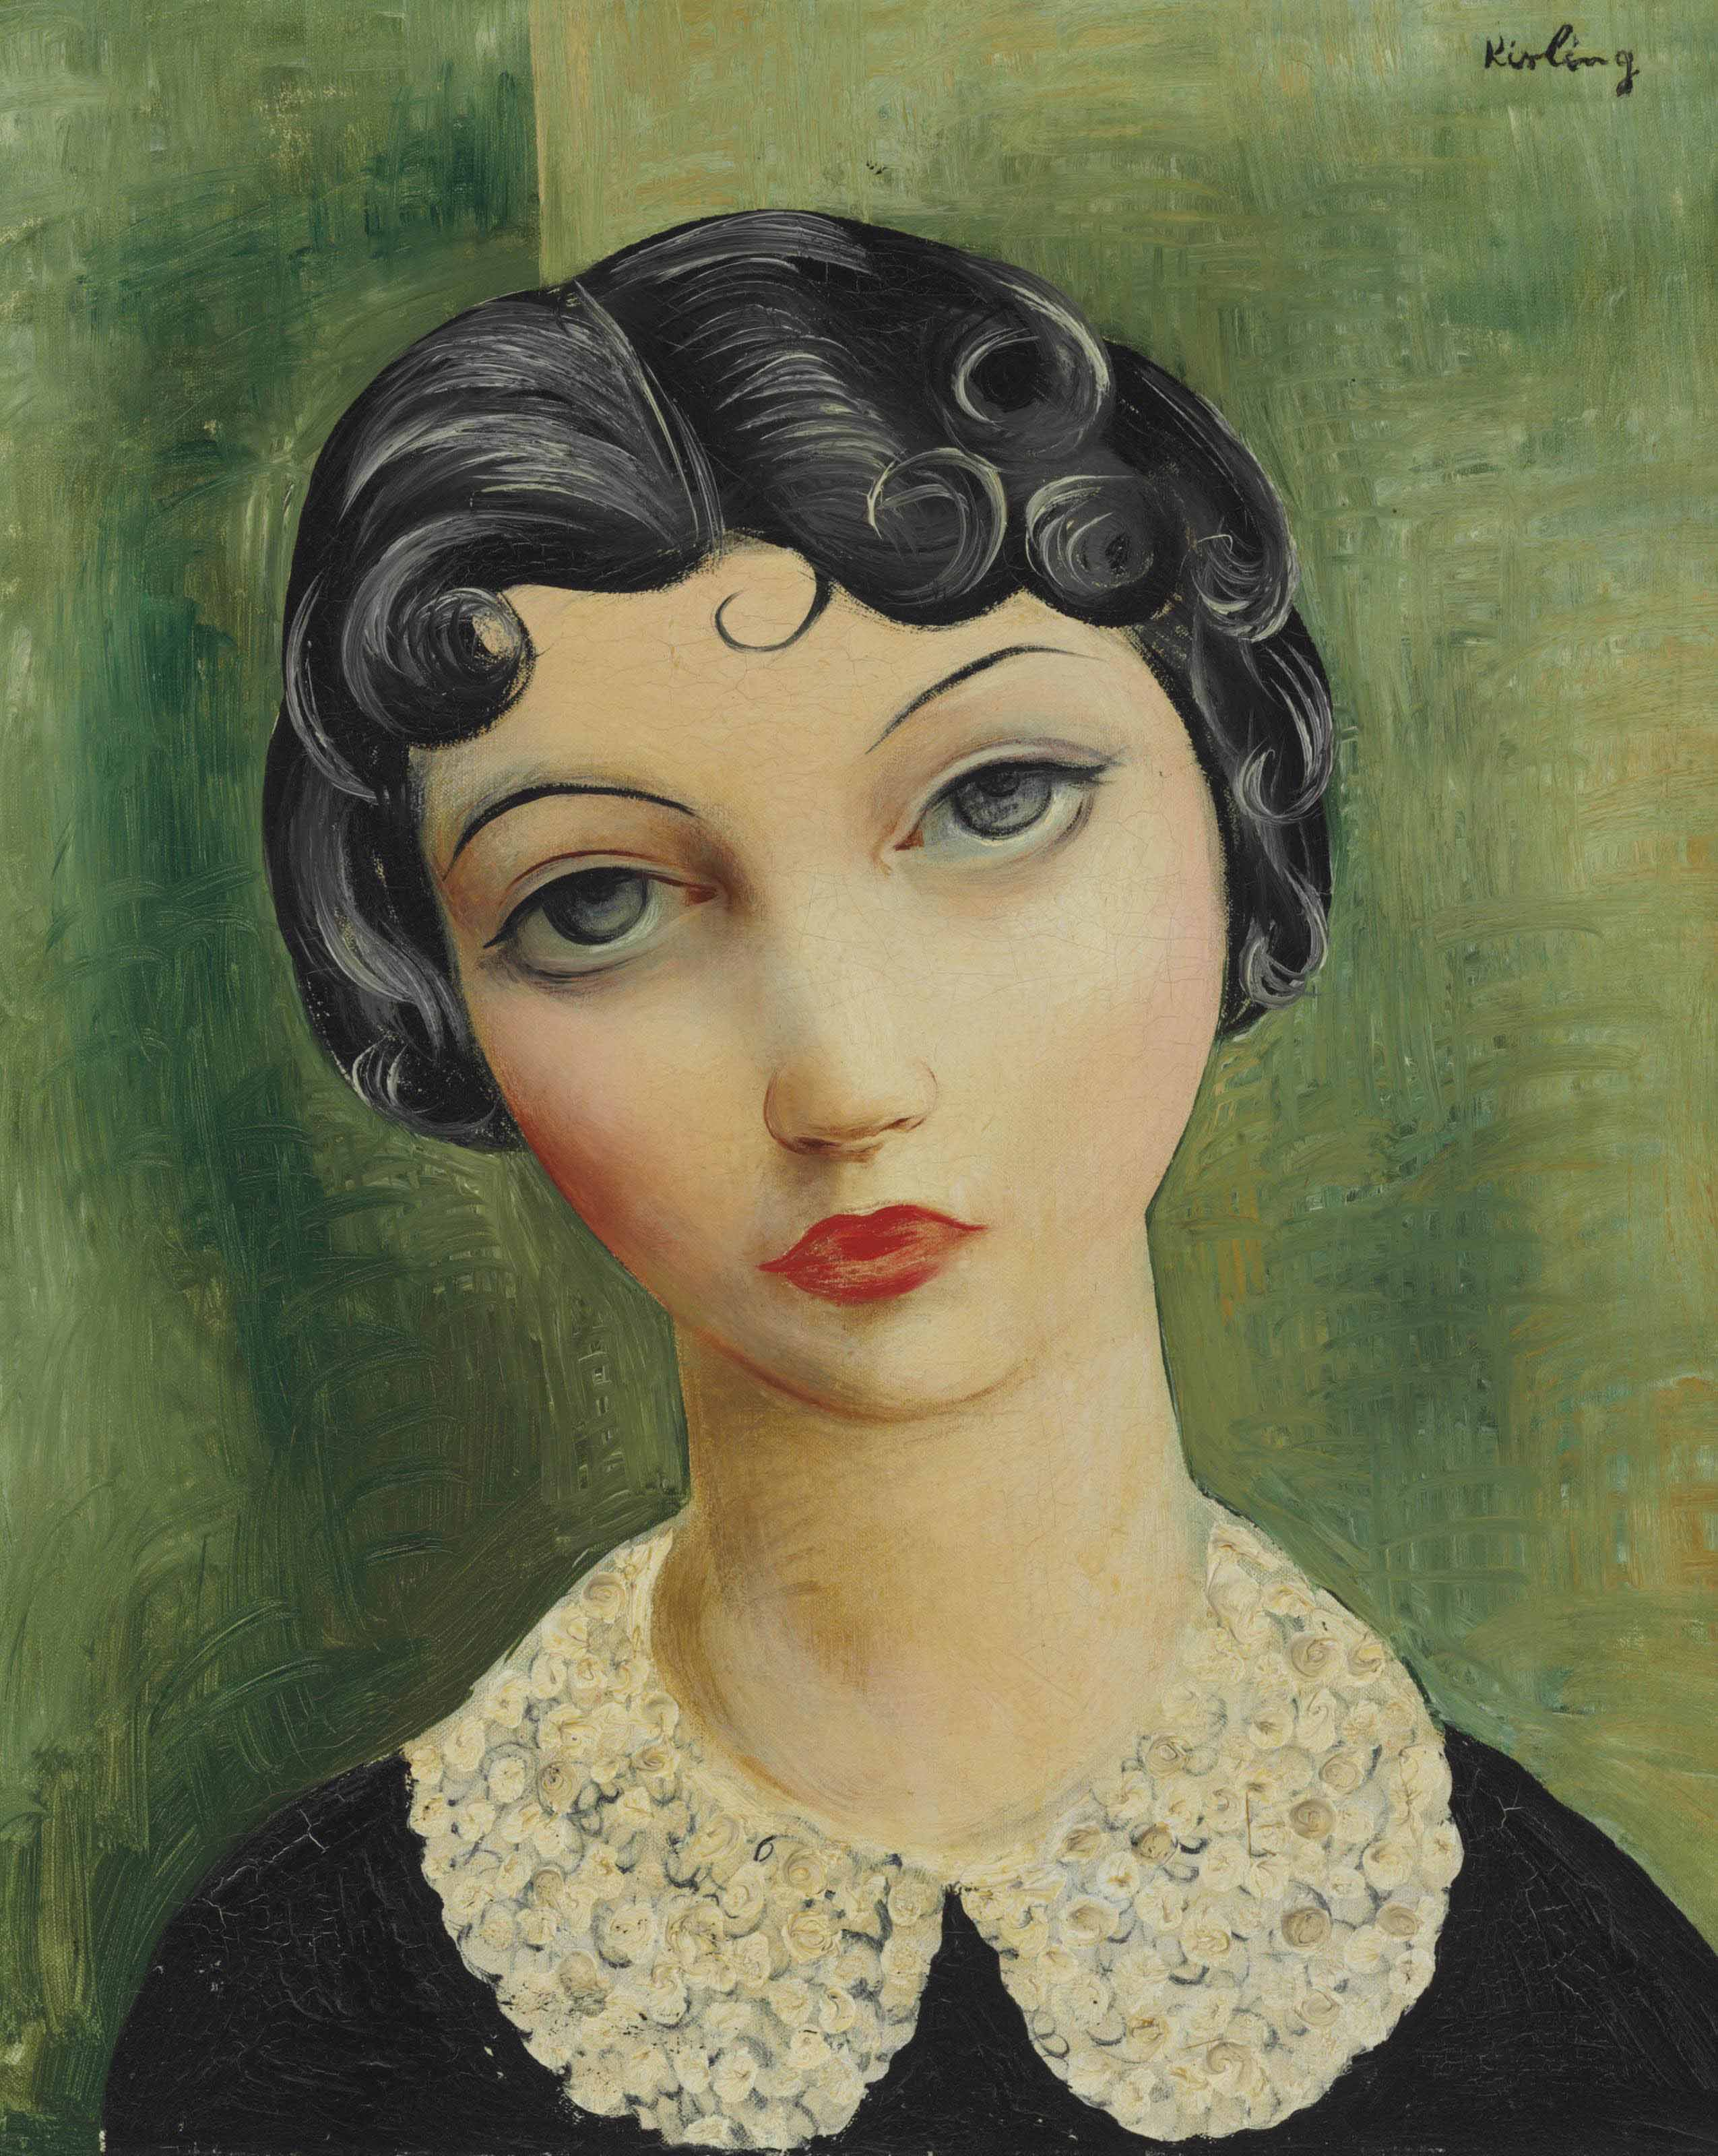 """Mojżesz Kisling, """"Portret z kołnierzykiem"""", 1930 rok, źródło:  Christie's"""